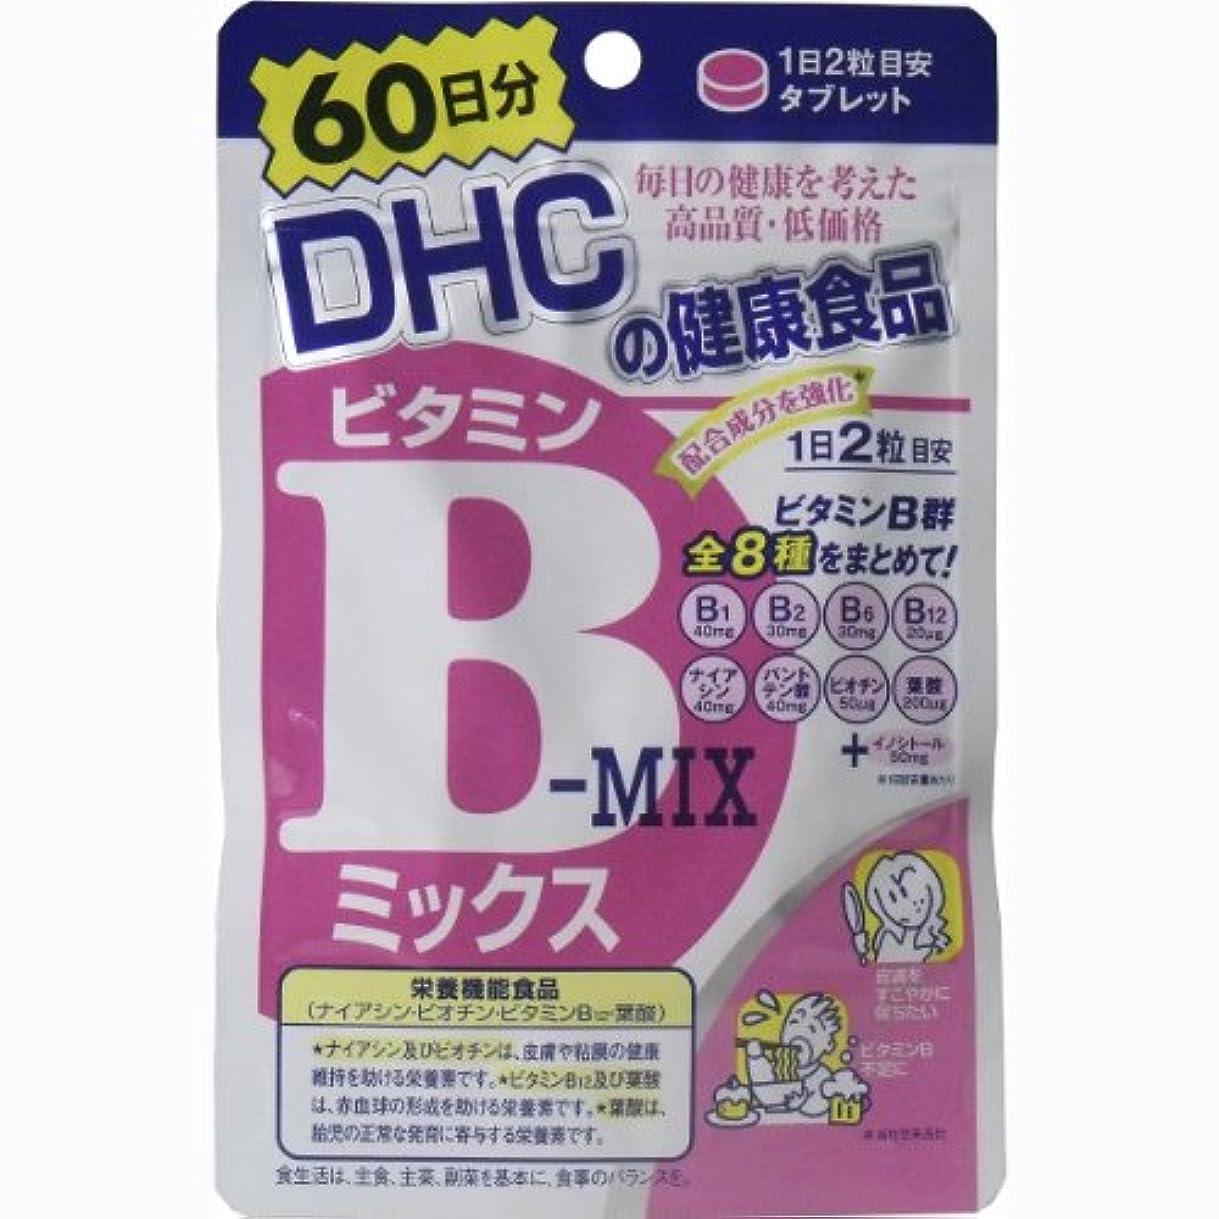 DHC ビタミンBミックス 120粒 60日分 ×10個セット